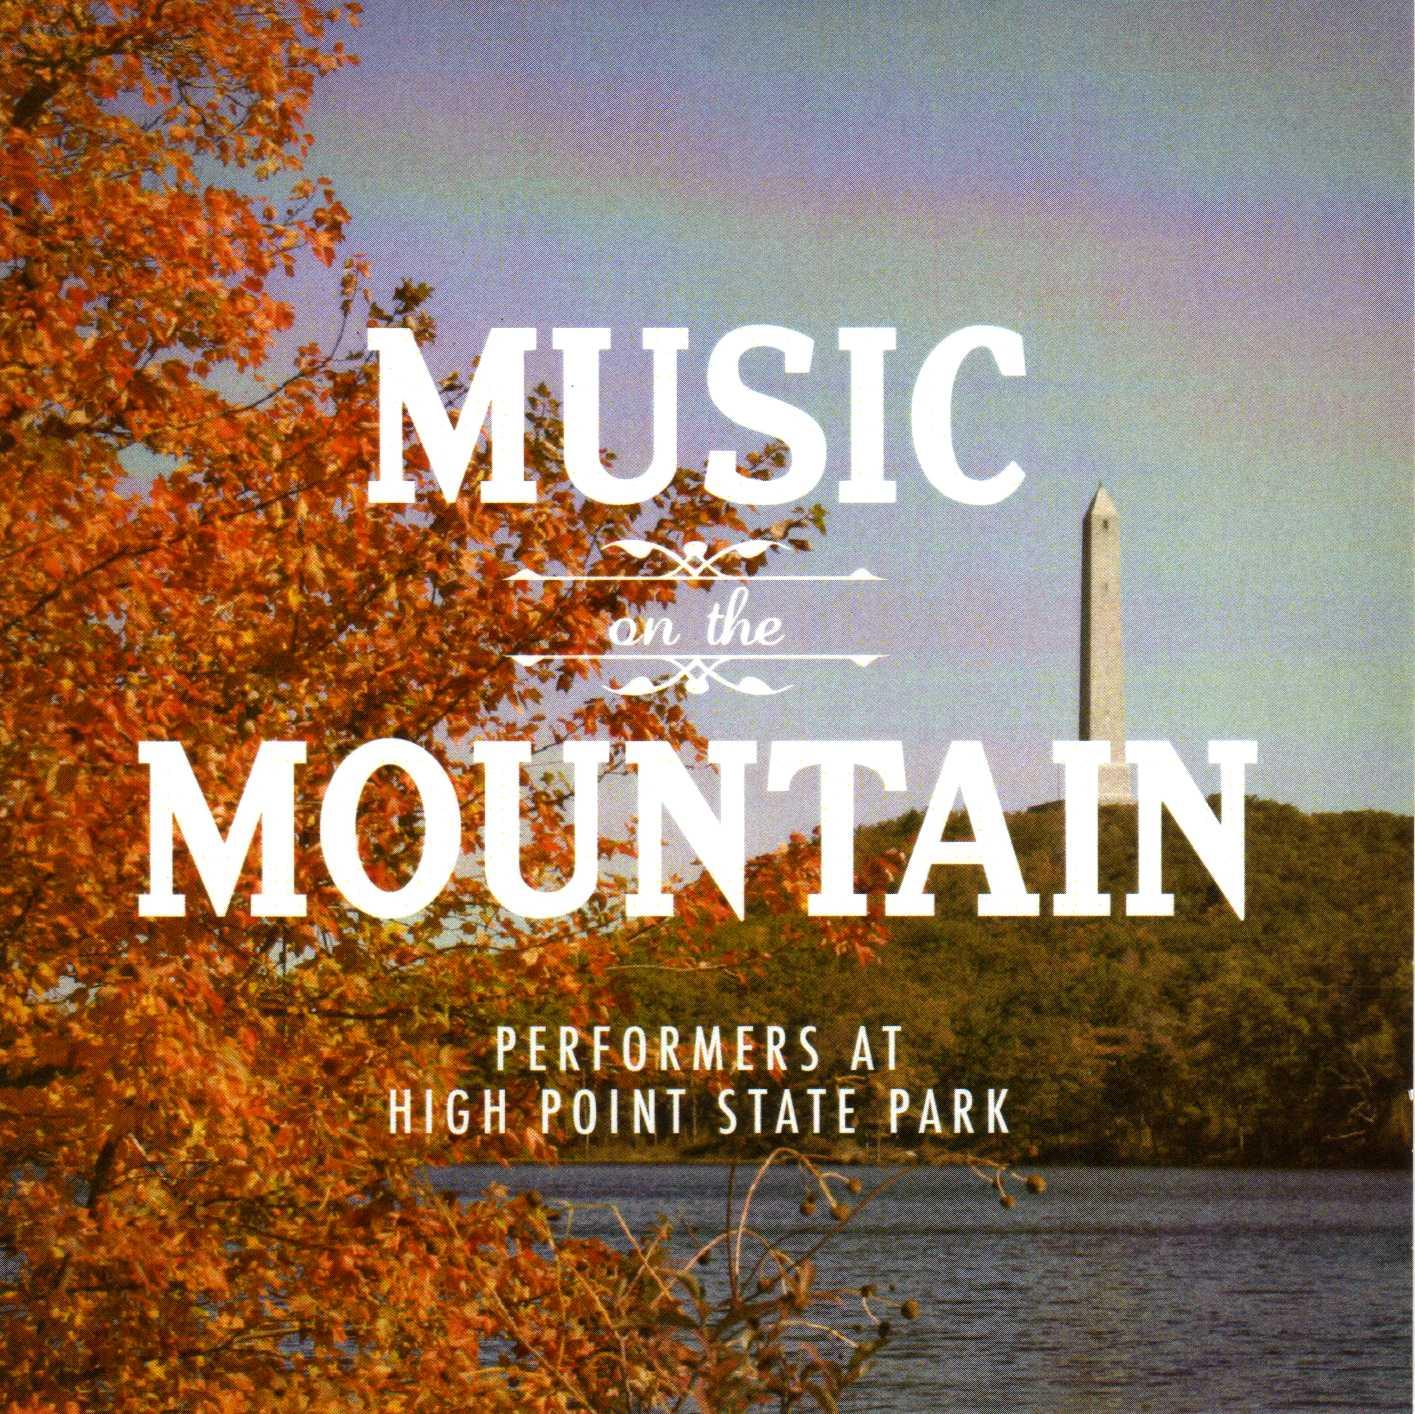 http://friendshighpointstatepark.blogspot.com/p/music-on-mountain-cd.html